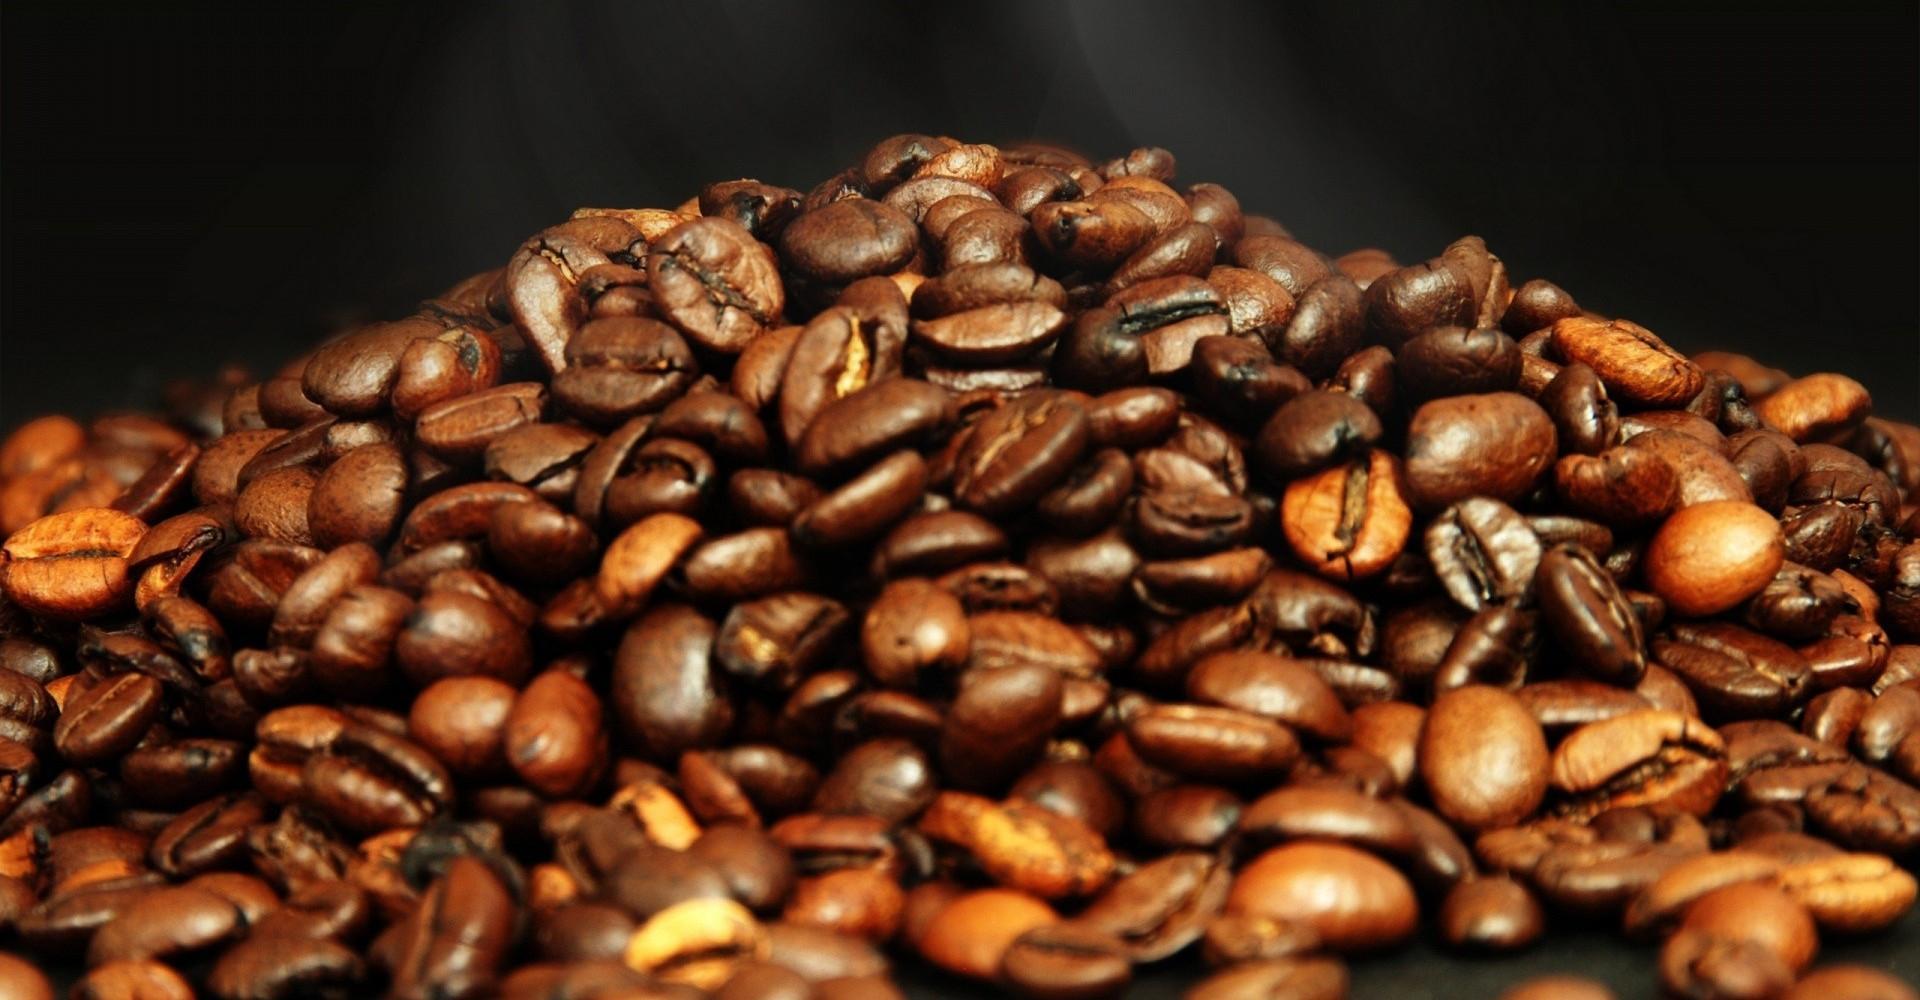 Ученые предупредили: кофе заражен микотоксинами